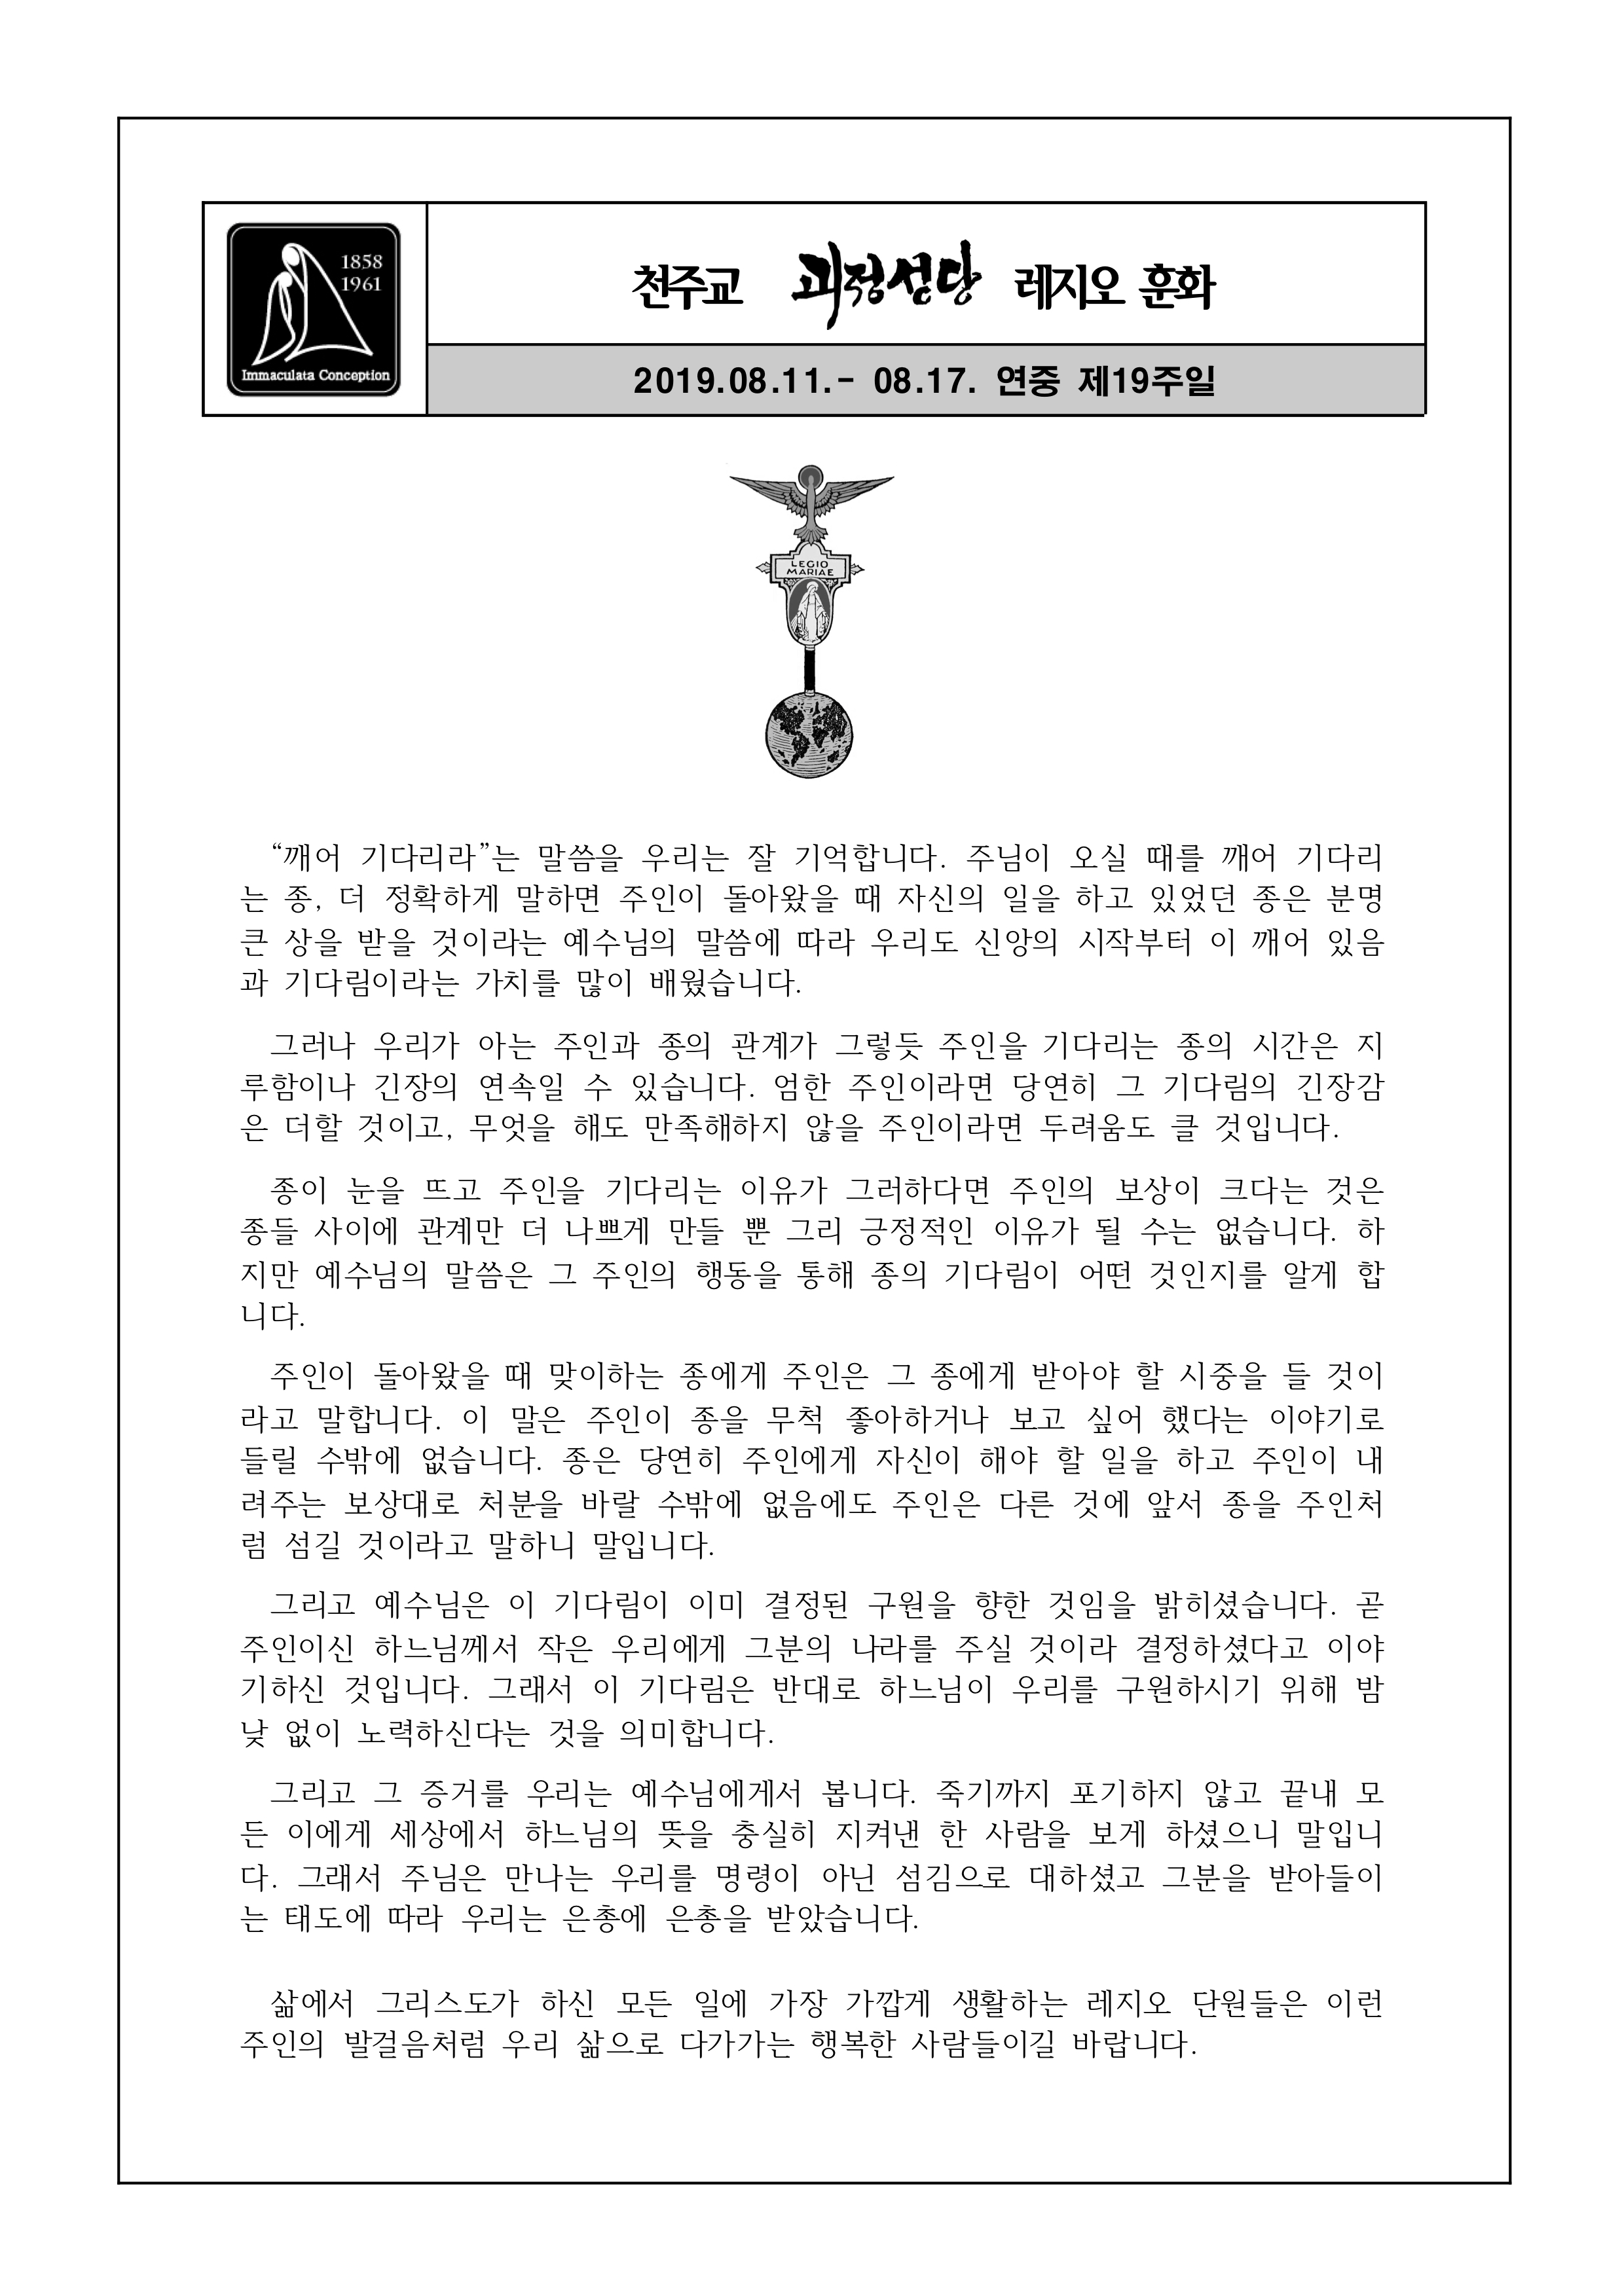 20190811 괴정성당 레지오 훈화.jpg